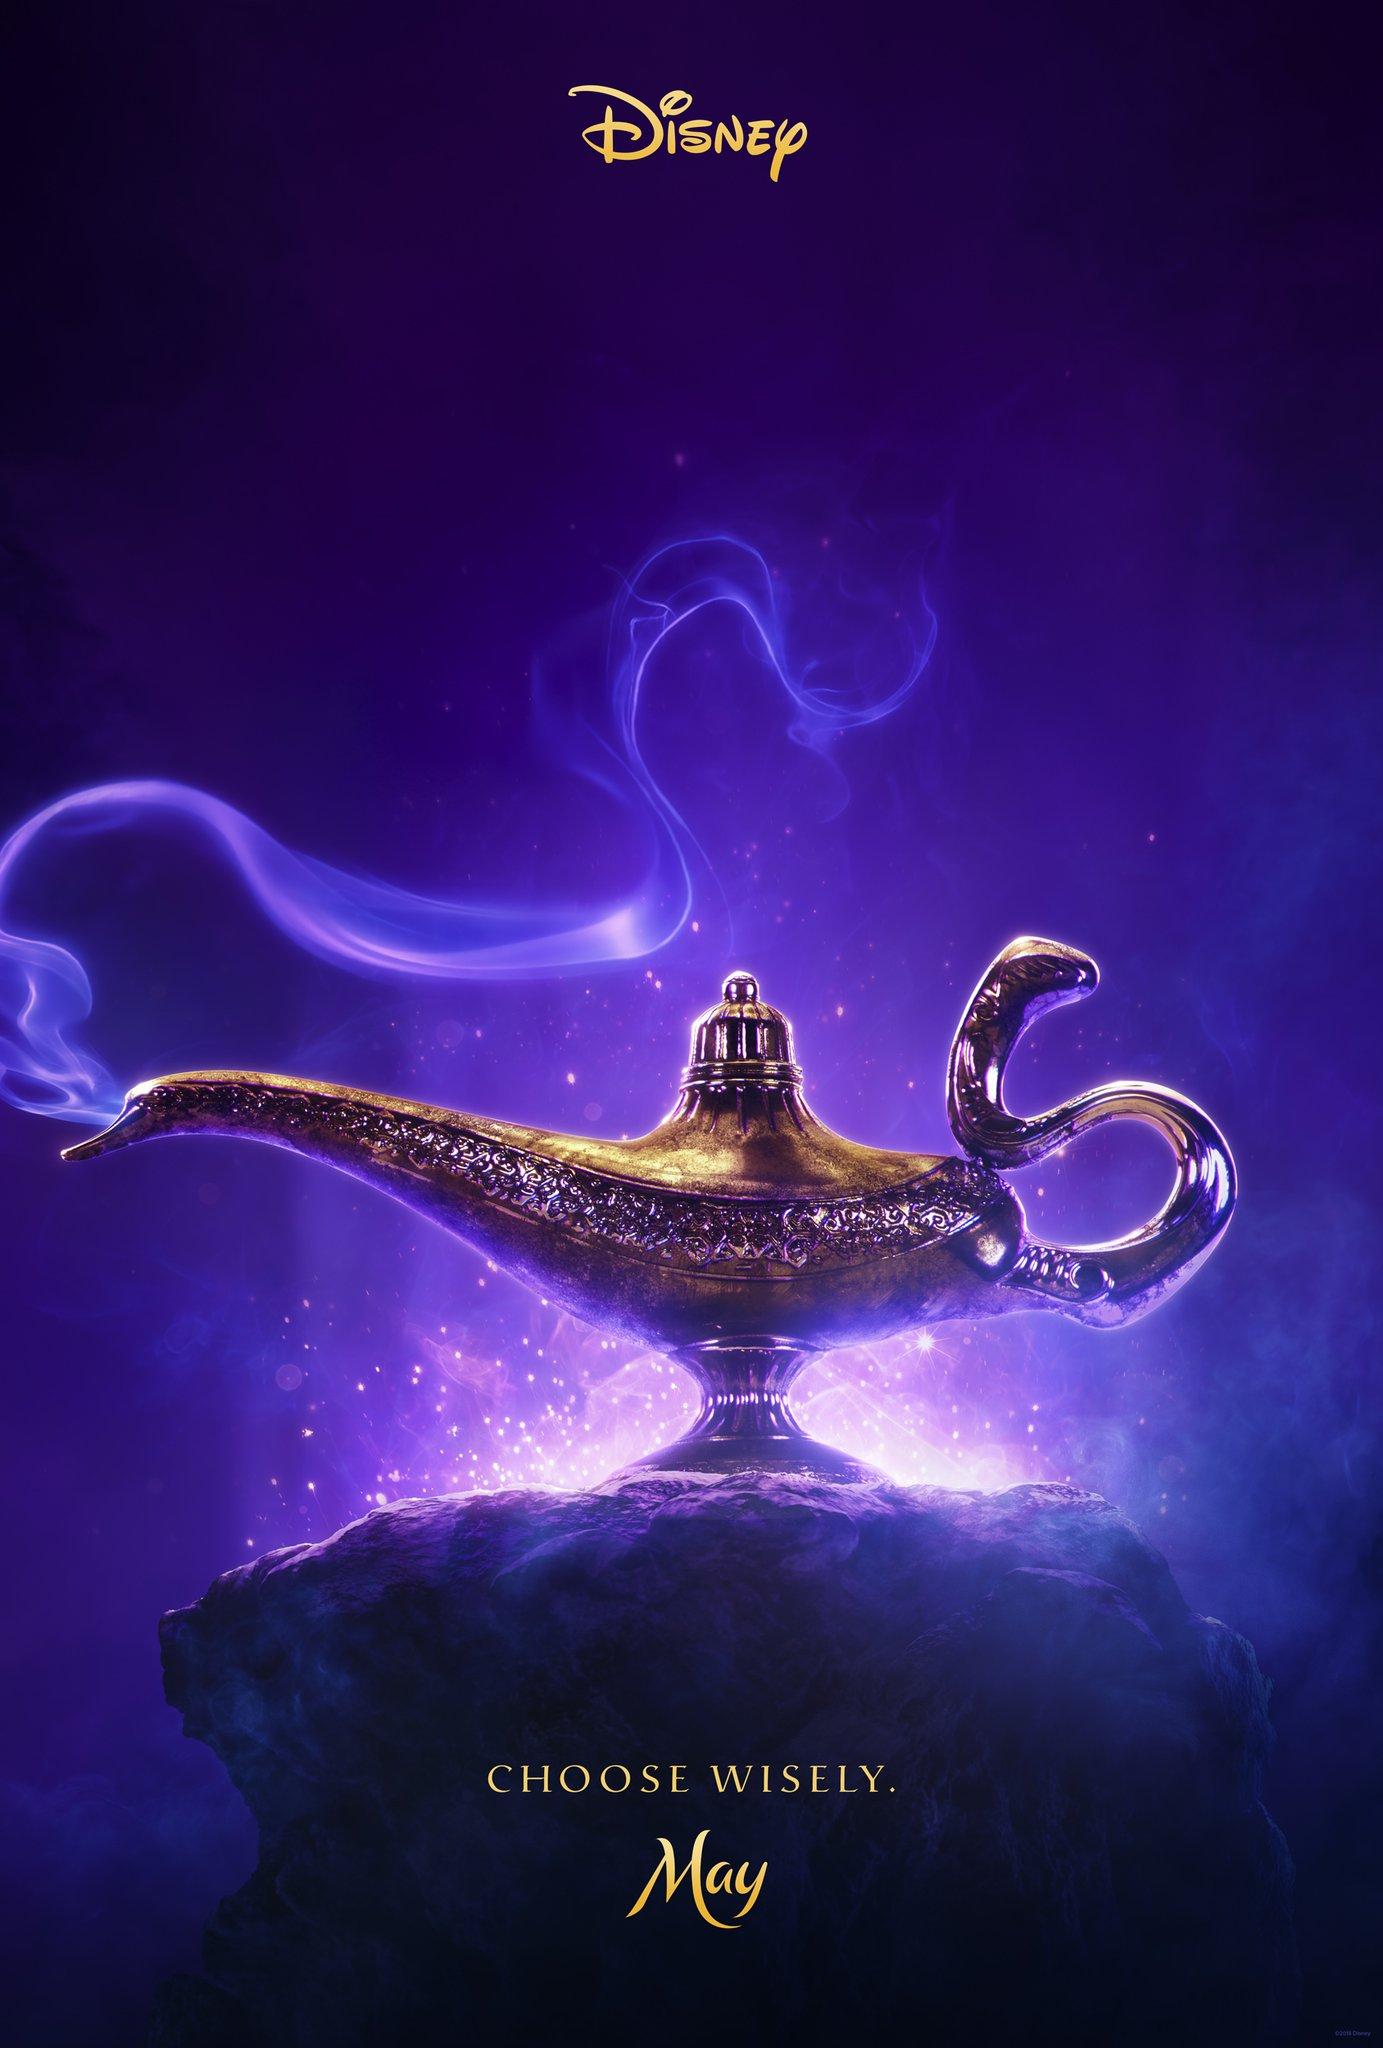 Aladdin 2019 images Aladdin 2019 First Teaser Poster HD 1383x2048